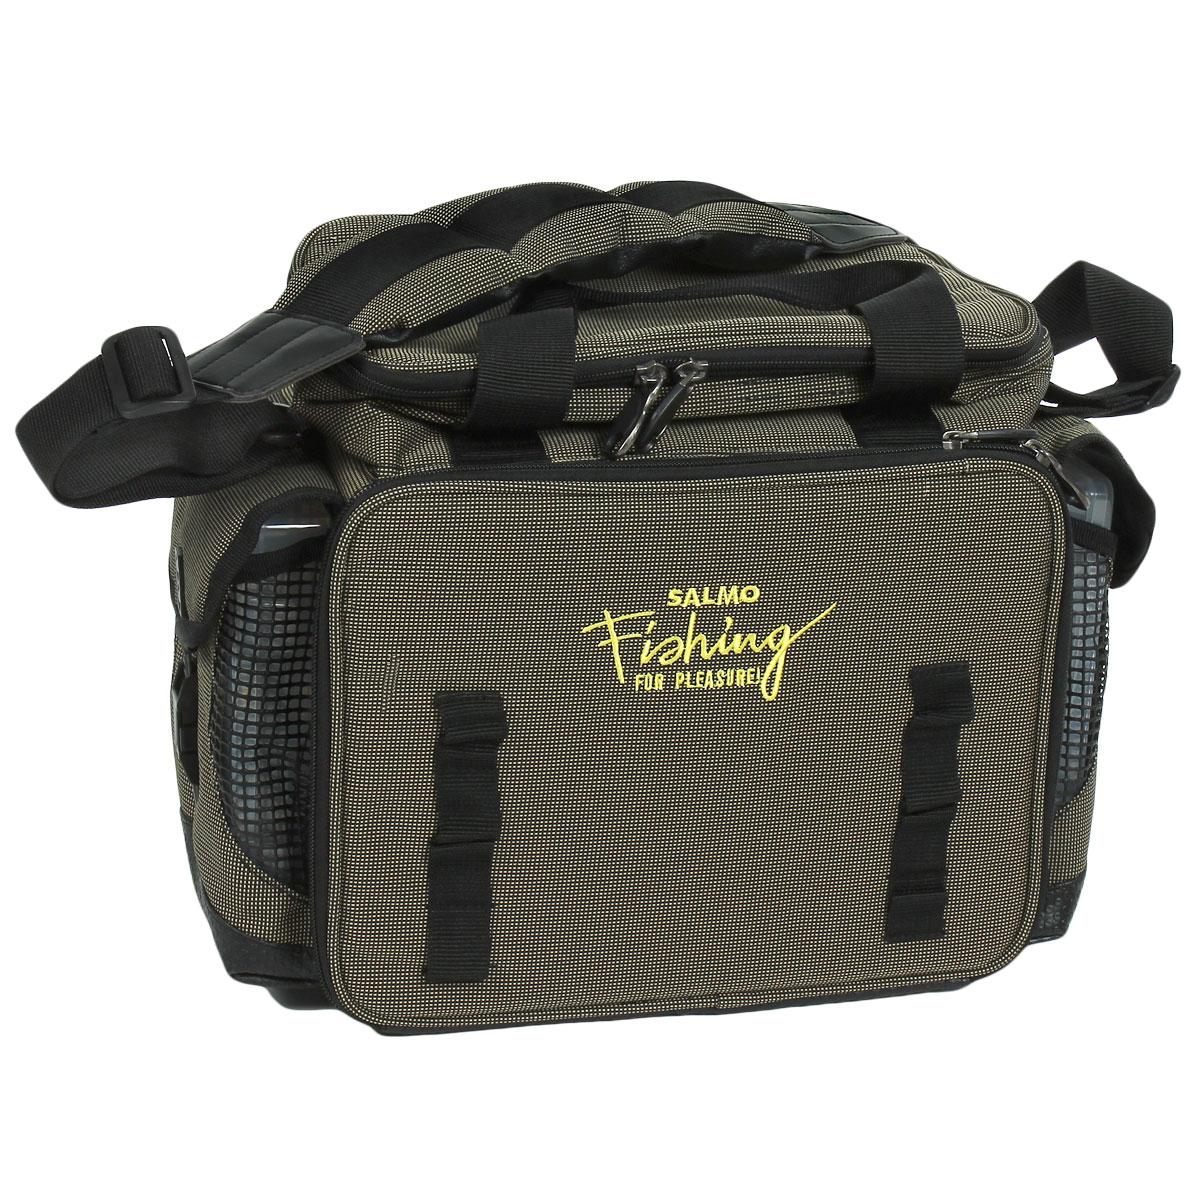 Сумка рыболовная Salmo 09, цвет: серыйH-3509Удобная сумка для рыболовных принадлежностей. В комплекте пять пластиковых коробок, размером 28 см х 18 см х 4 см, и две коробки, размером 20 см х 13 см х 4 см, с многочисленными отделениями. Верхнее отделение, удобное для перевозки катушек. Двойная ручка и мягкий, регулируемый по длине, наплечный ремень.